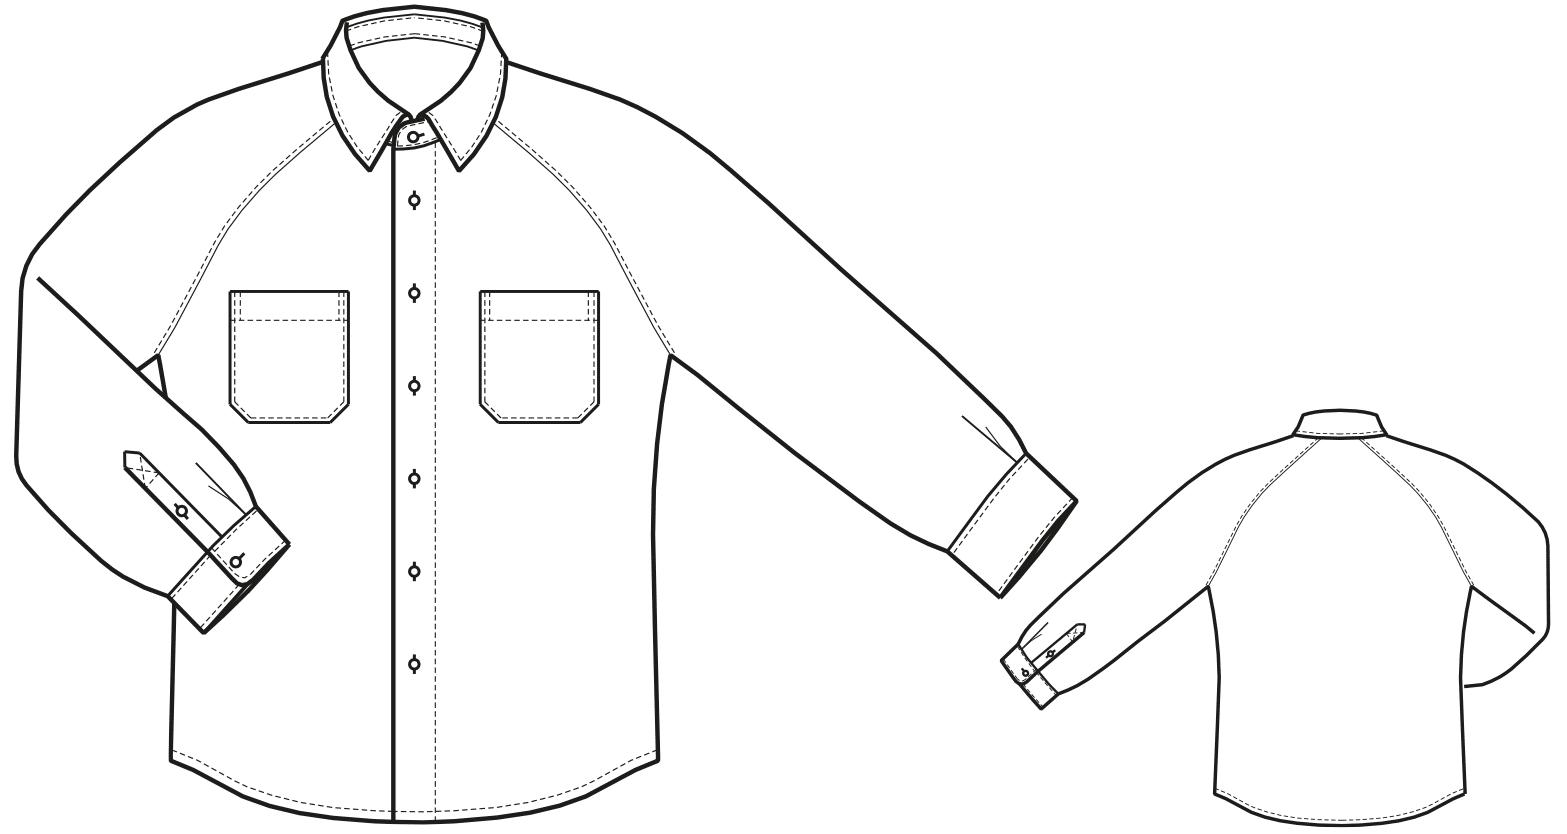 Die Abbildung zeigt die technische Zeichnung eines Hemdes.